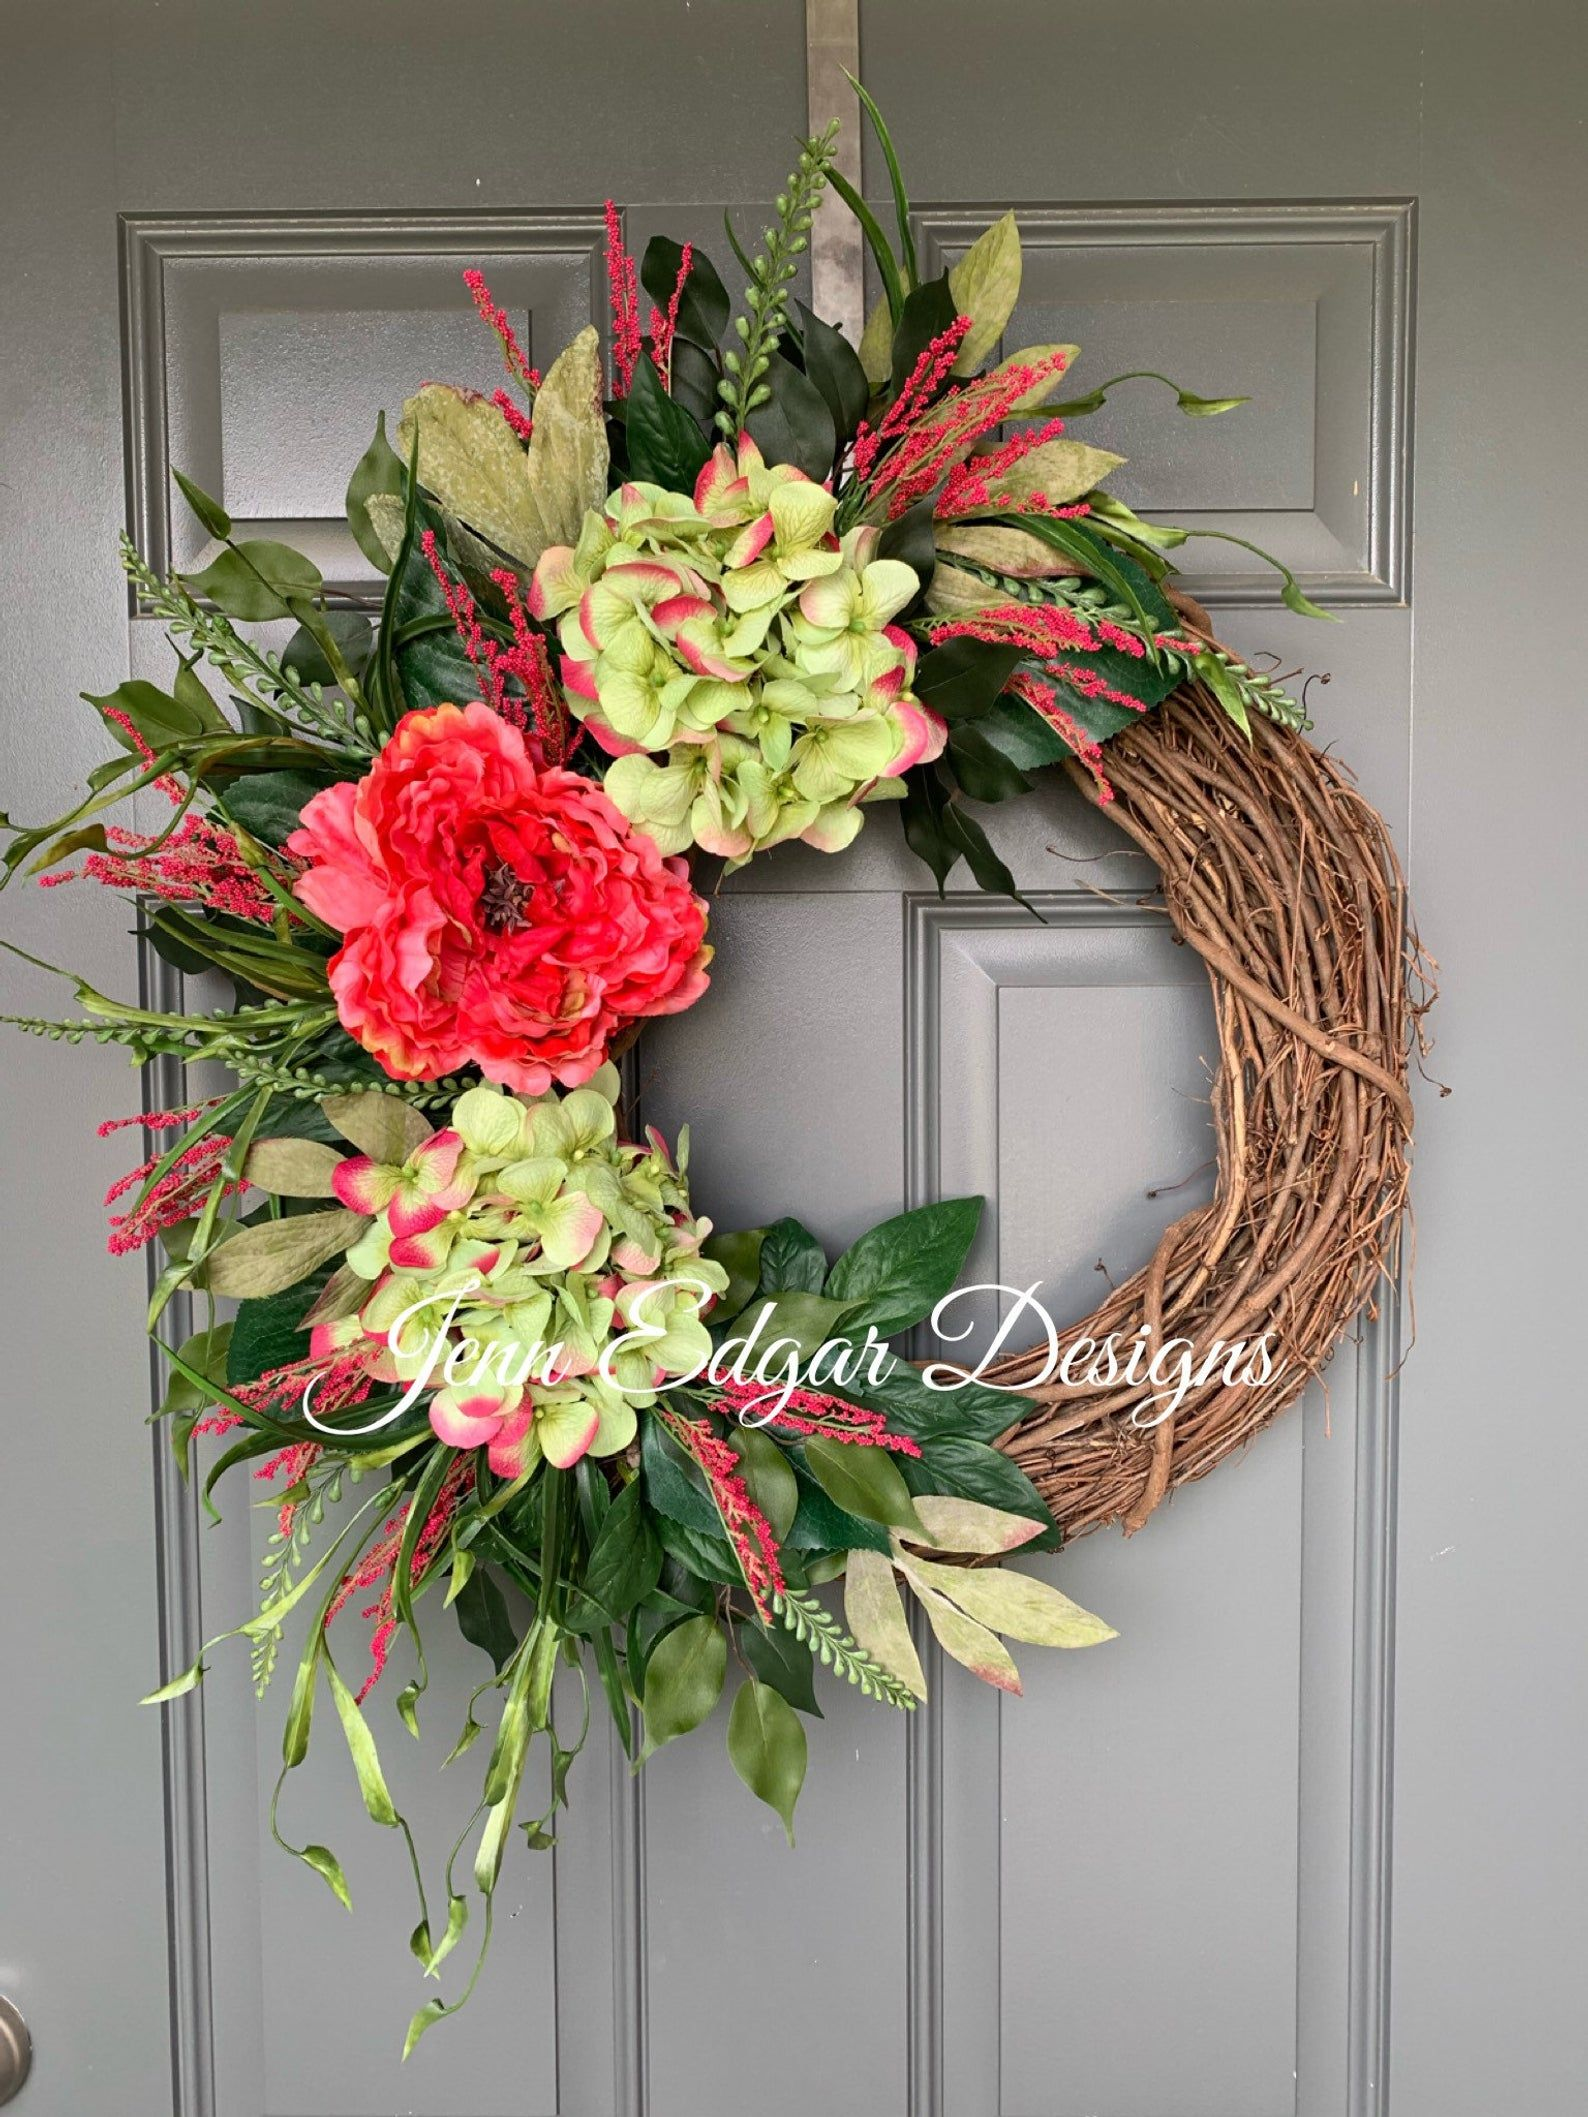 Photo of Summer wreaths for the front door, summer wreath, hydrangea wreath, hydrangea wreath for the front door, summer door wreath, spring wreaths